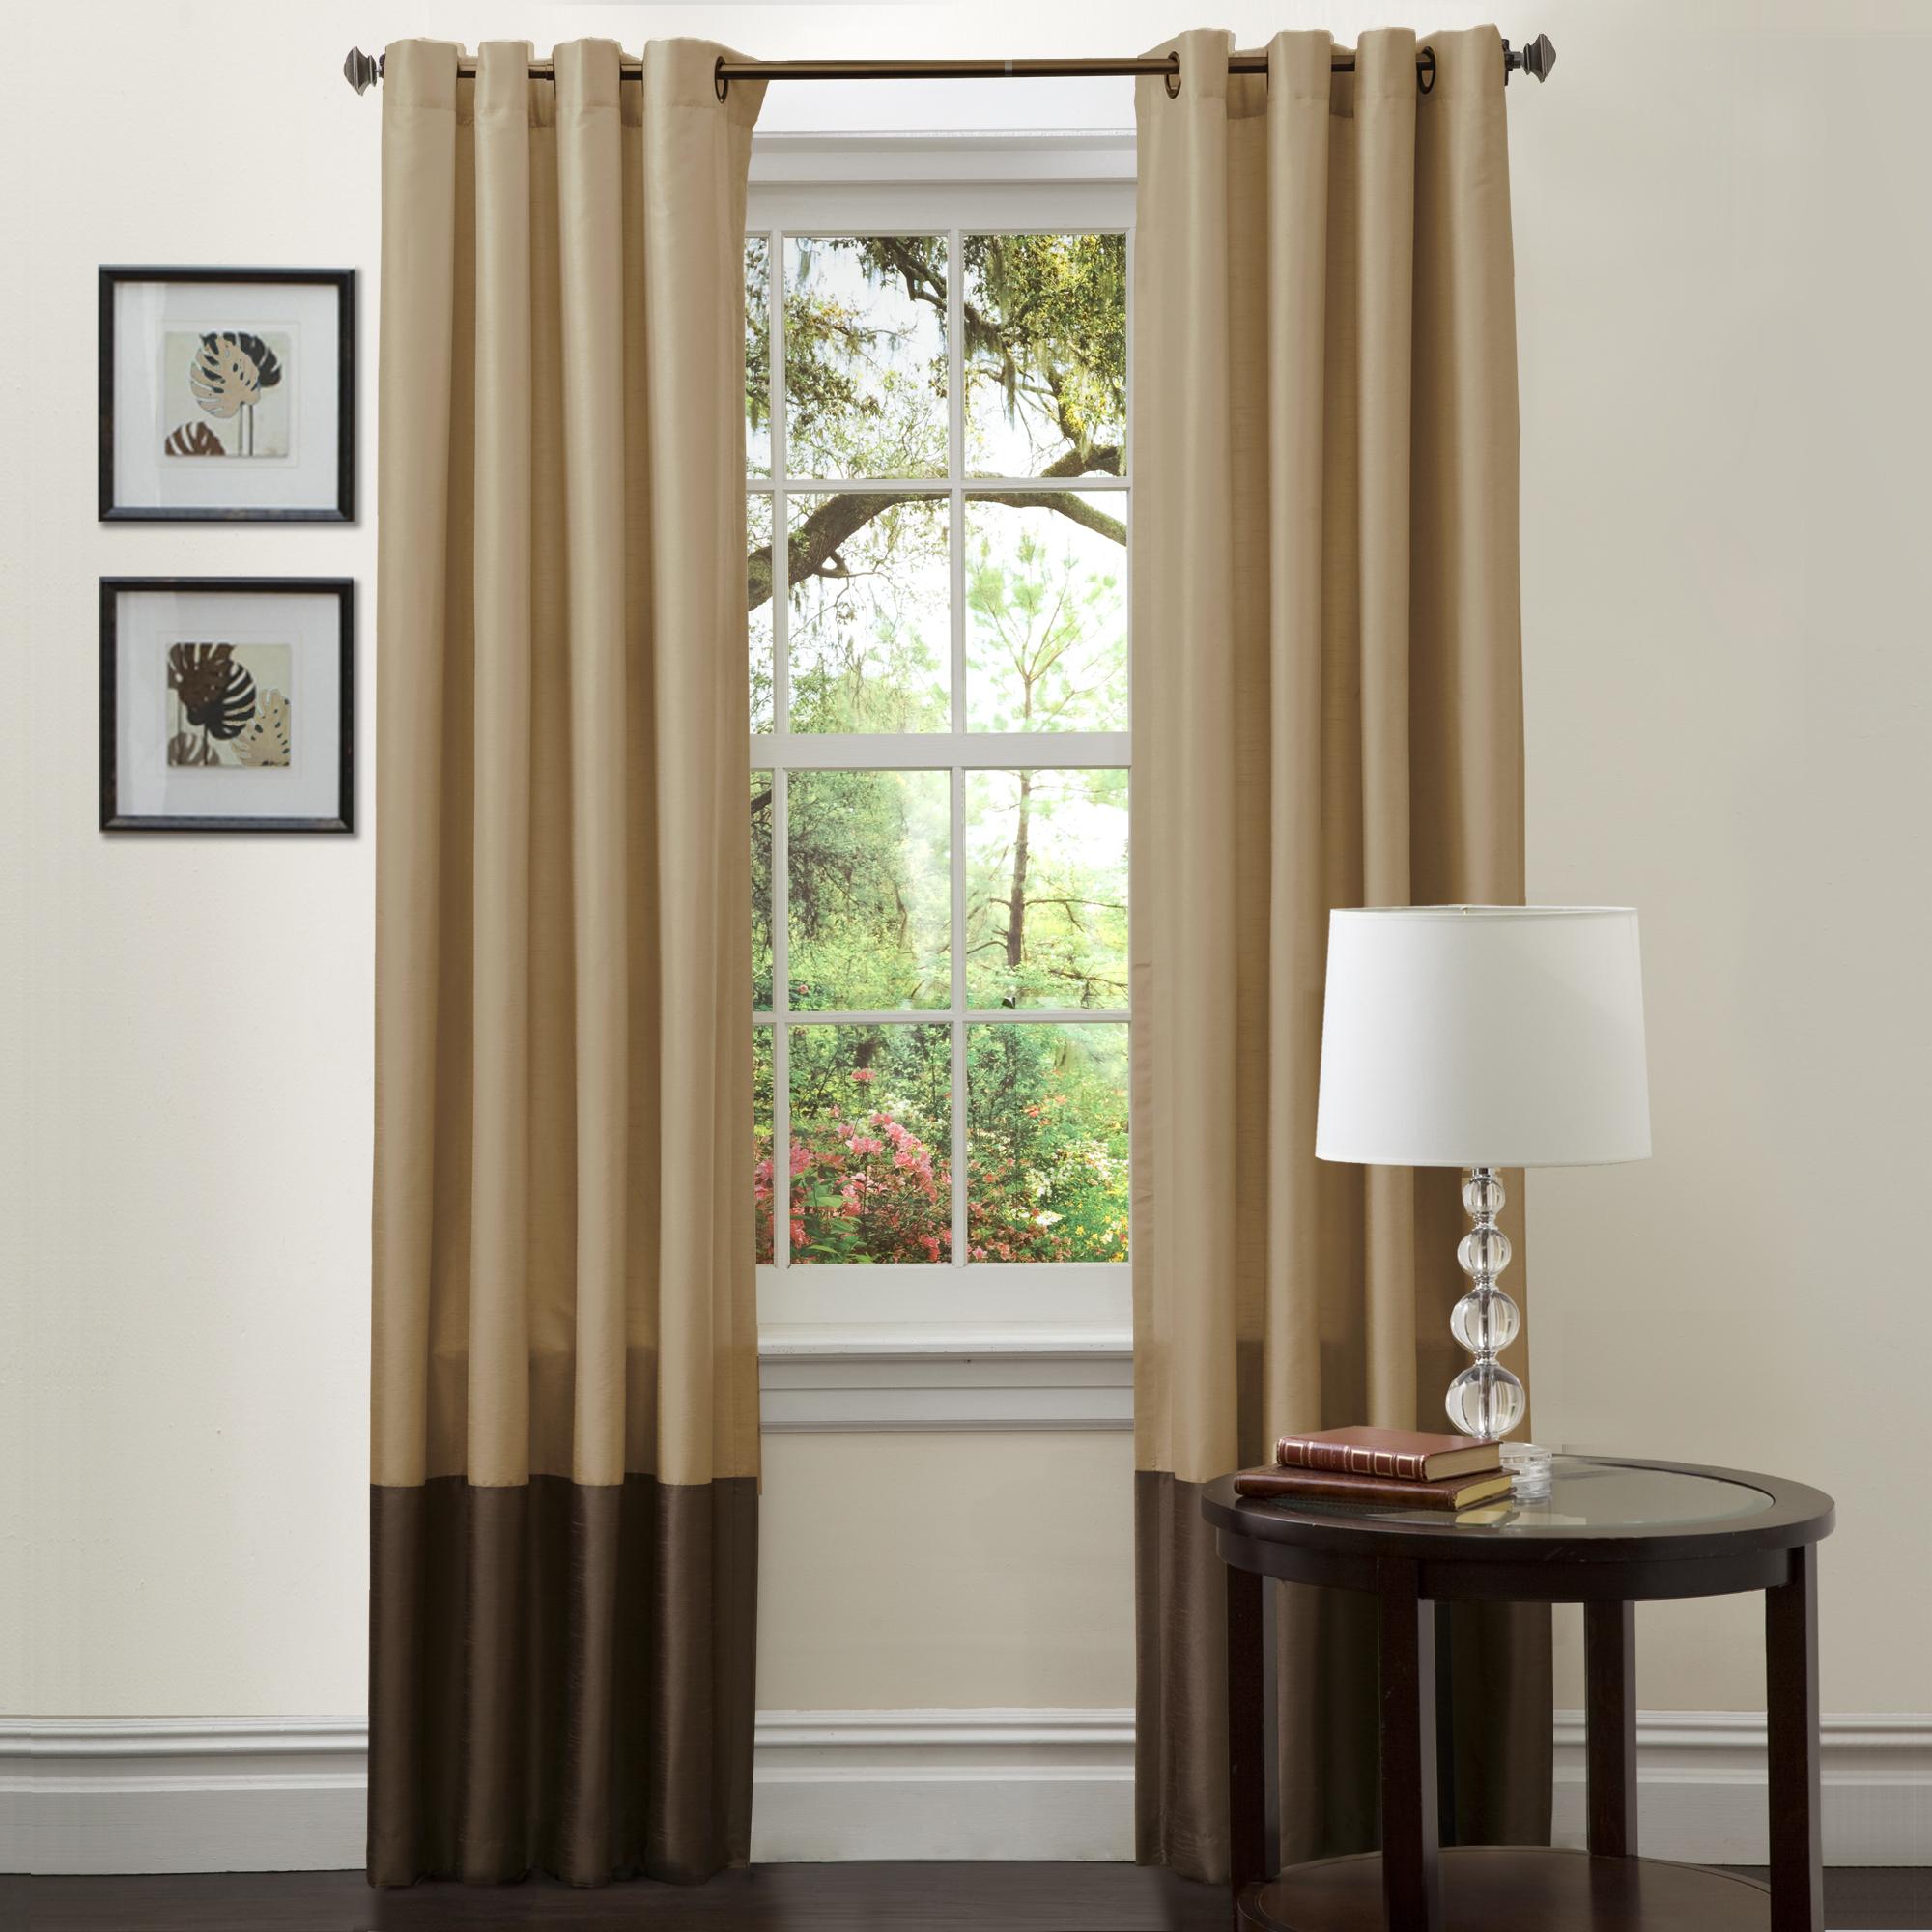 Lush Decor Prima Taupe Chocolate Window Curtains Pair 54 X 108